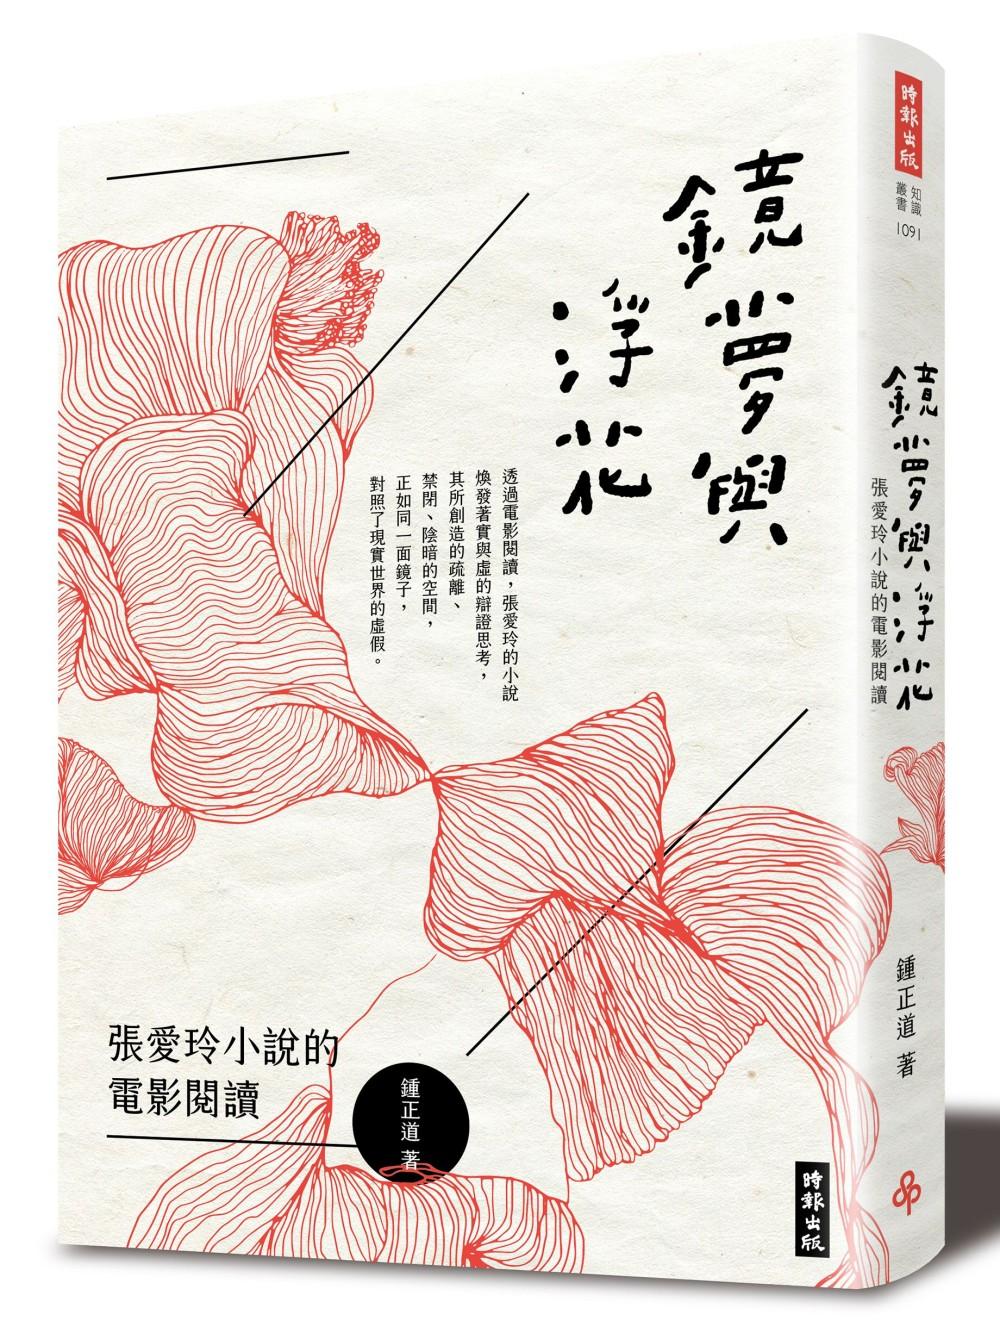 鏡夢與浮花:張愛玲小說的電影閱...